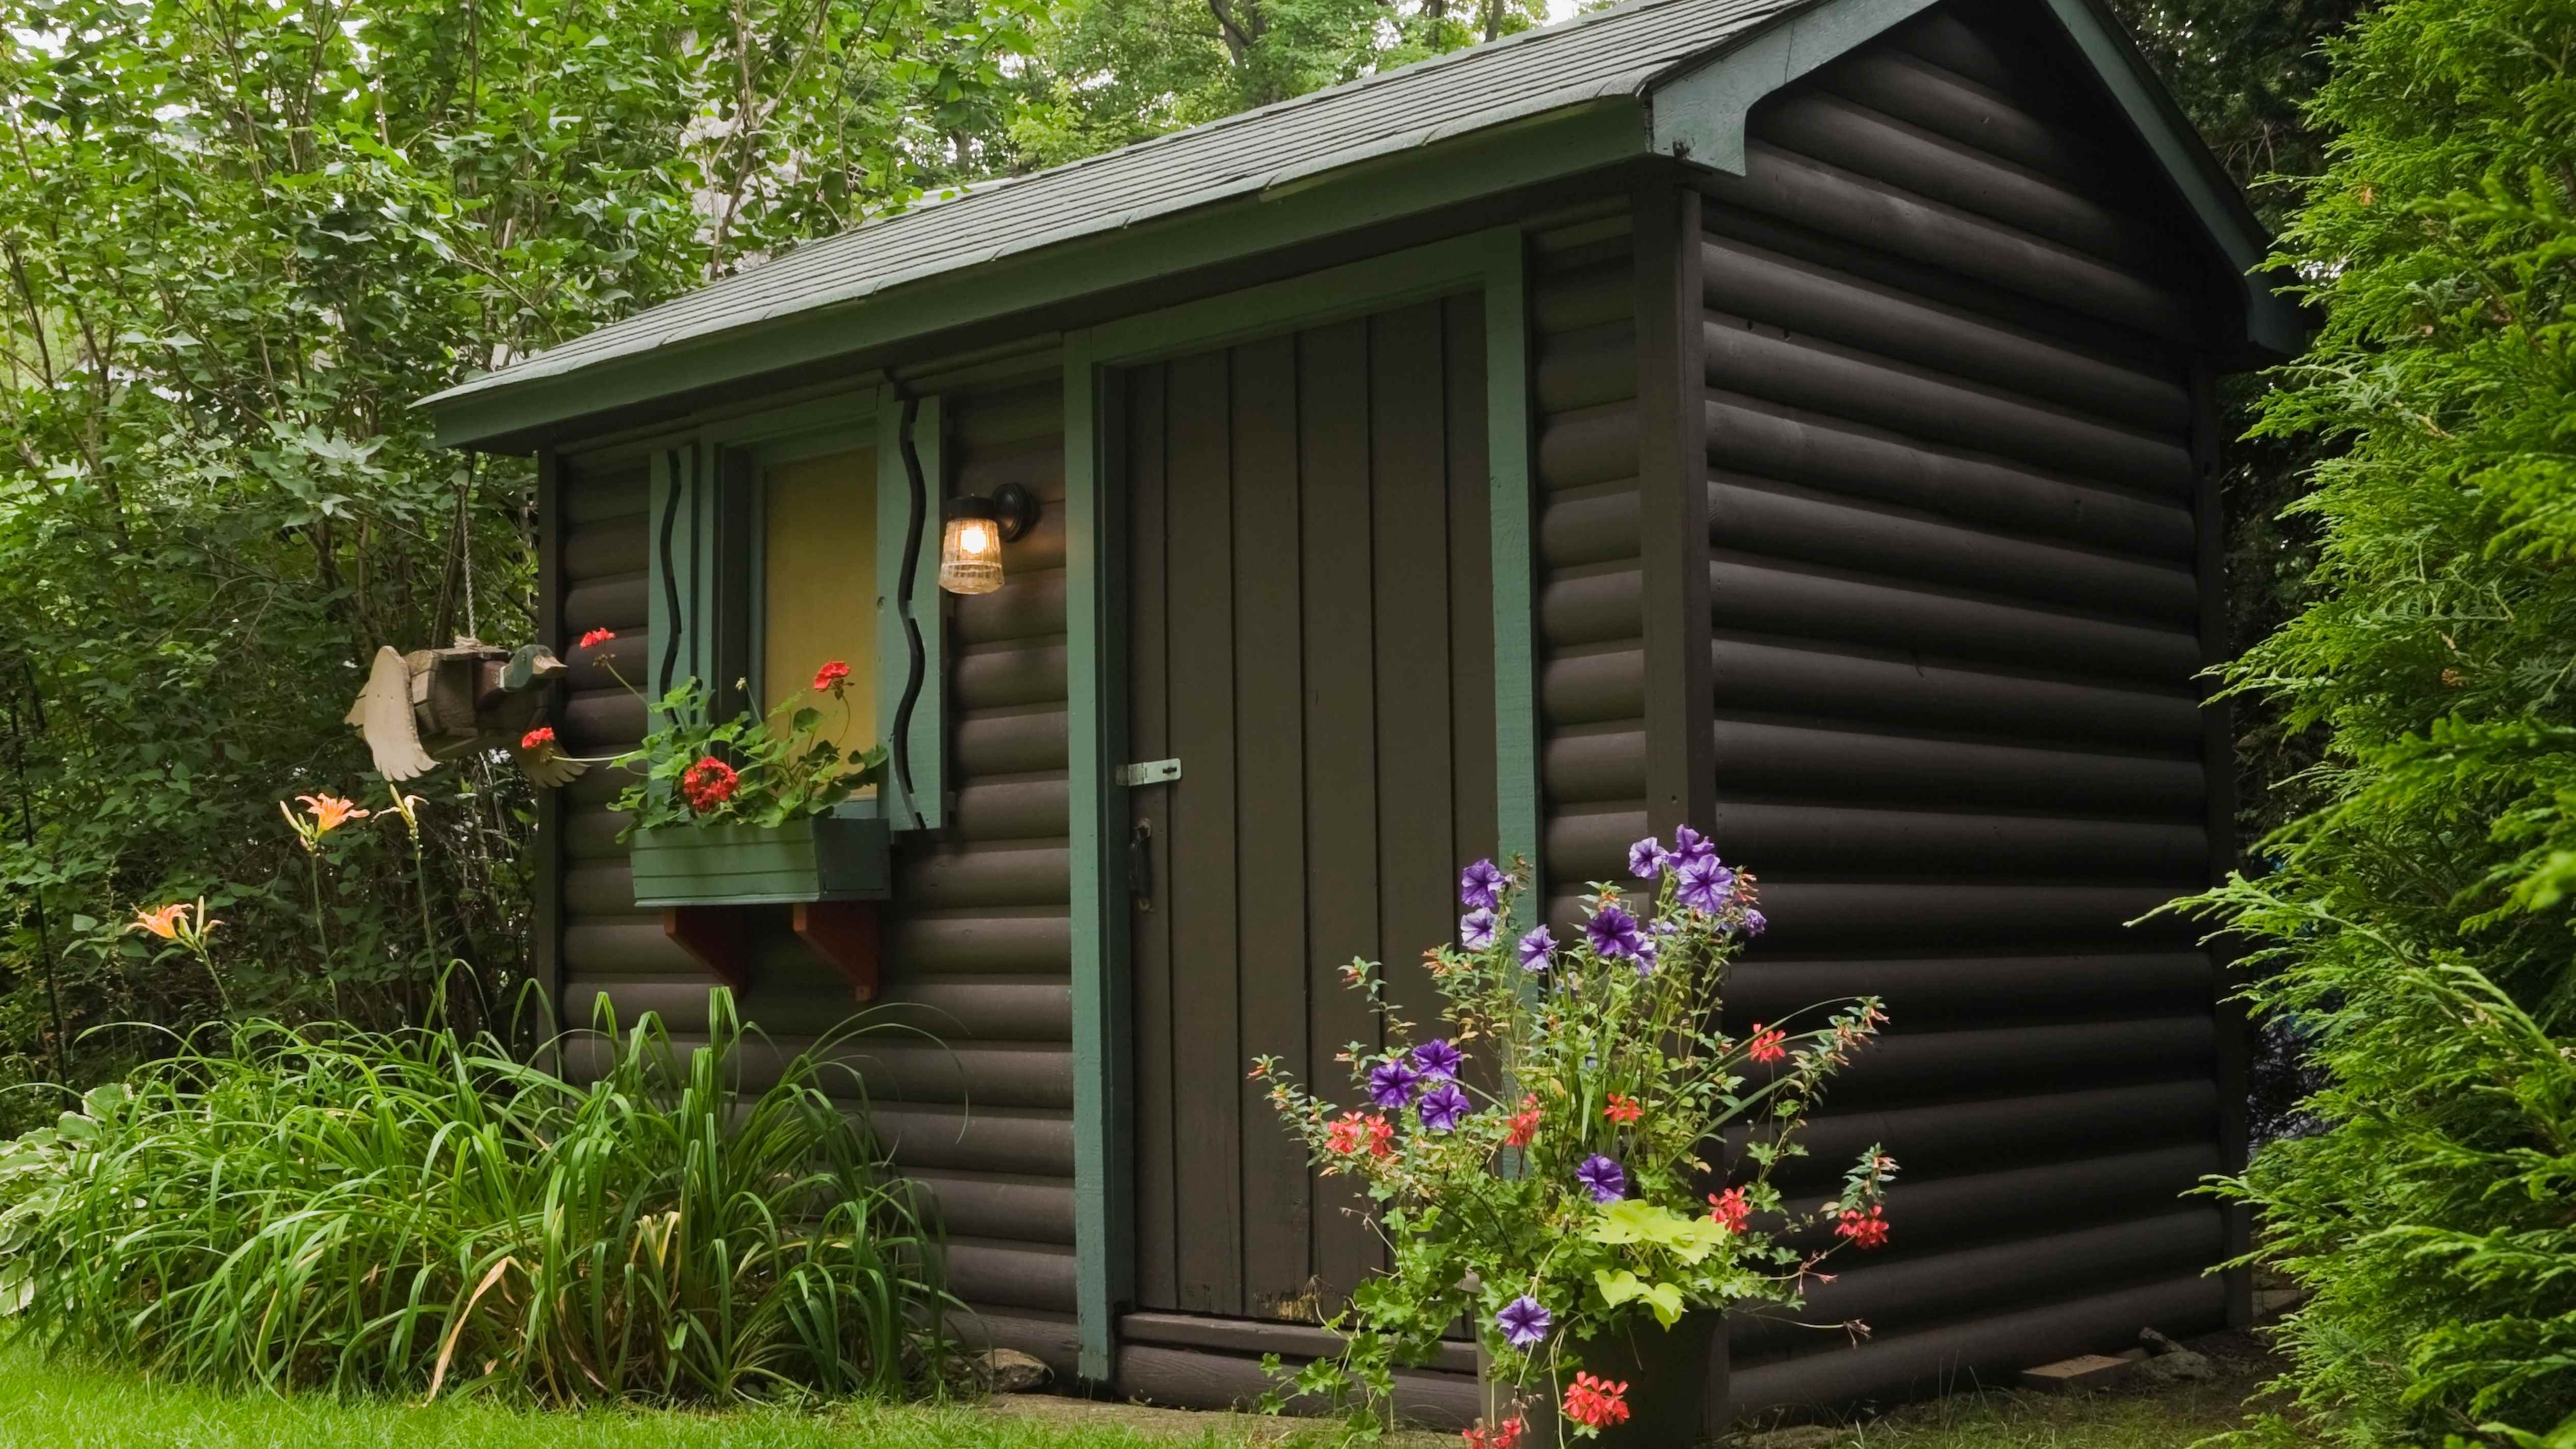 https conseil manomano fr comment choisir son abri de jardin ou son chalet n2563